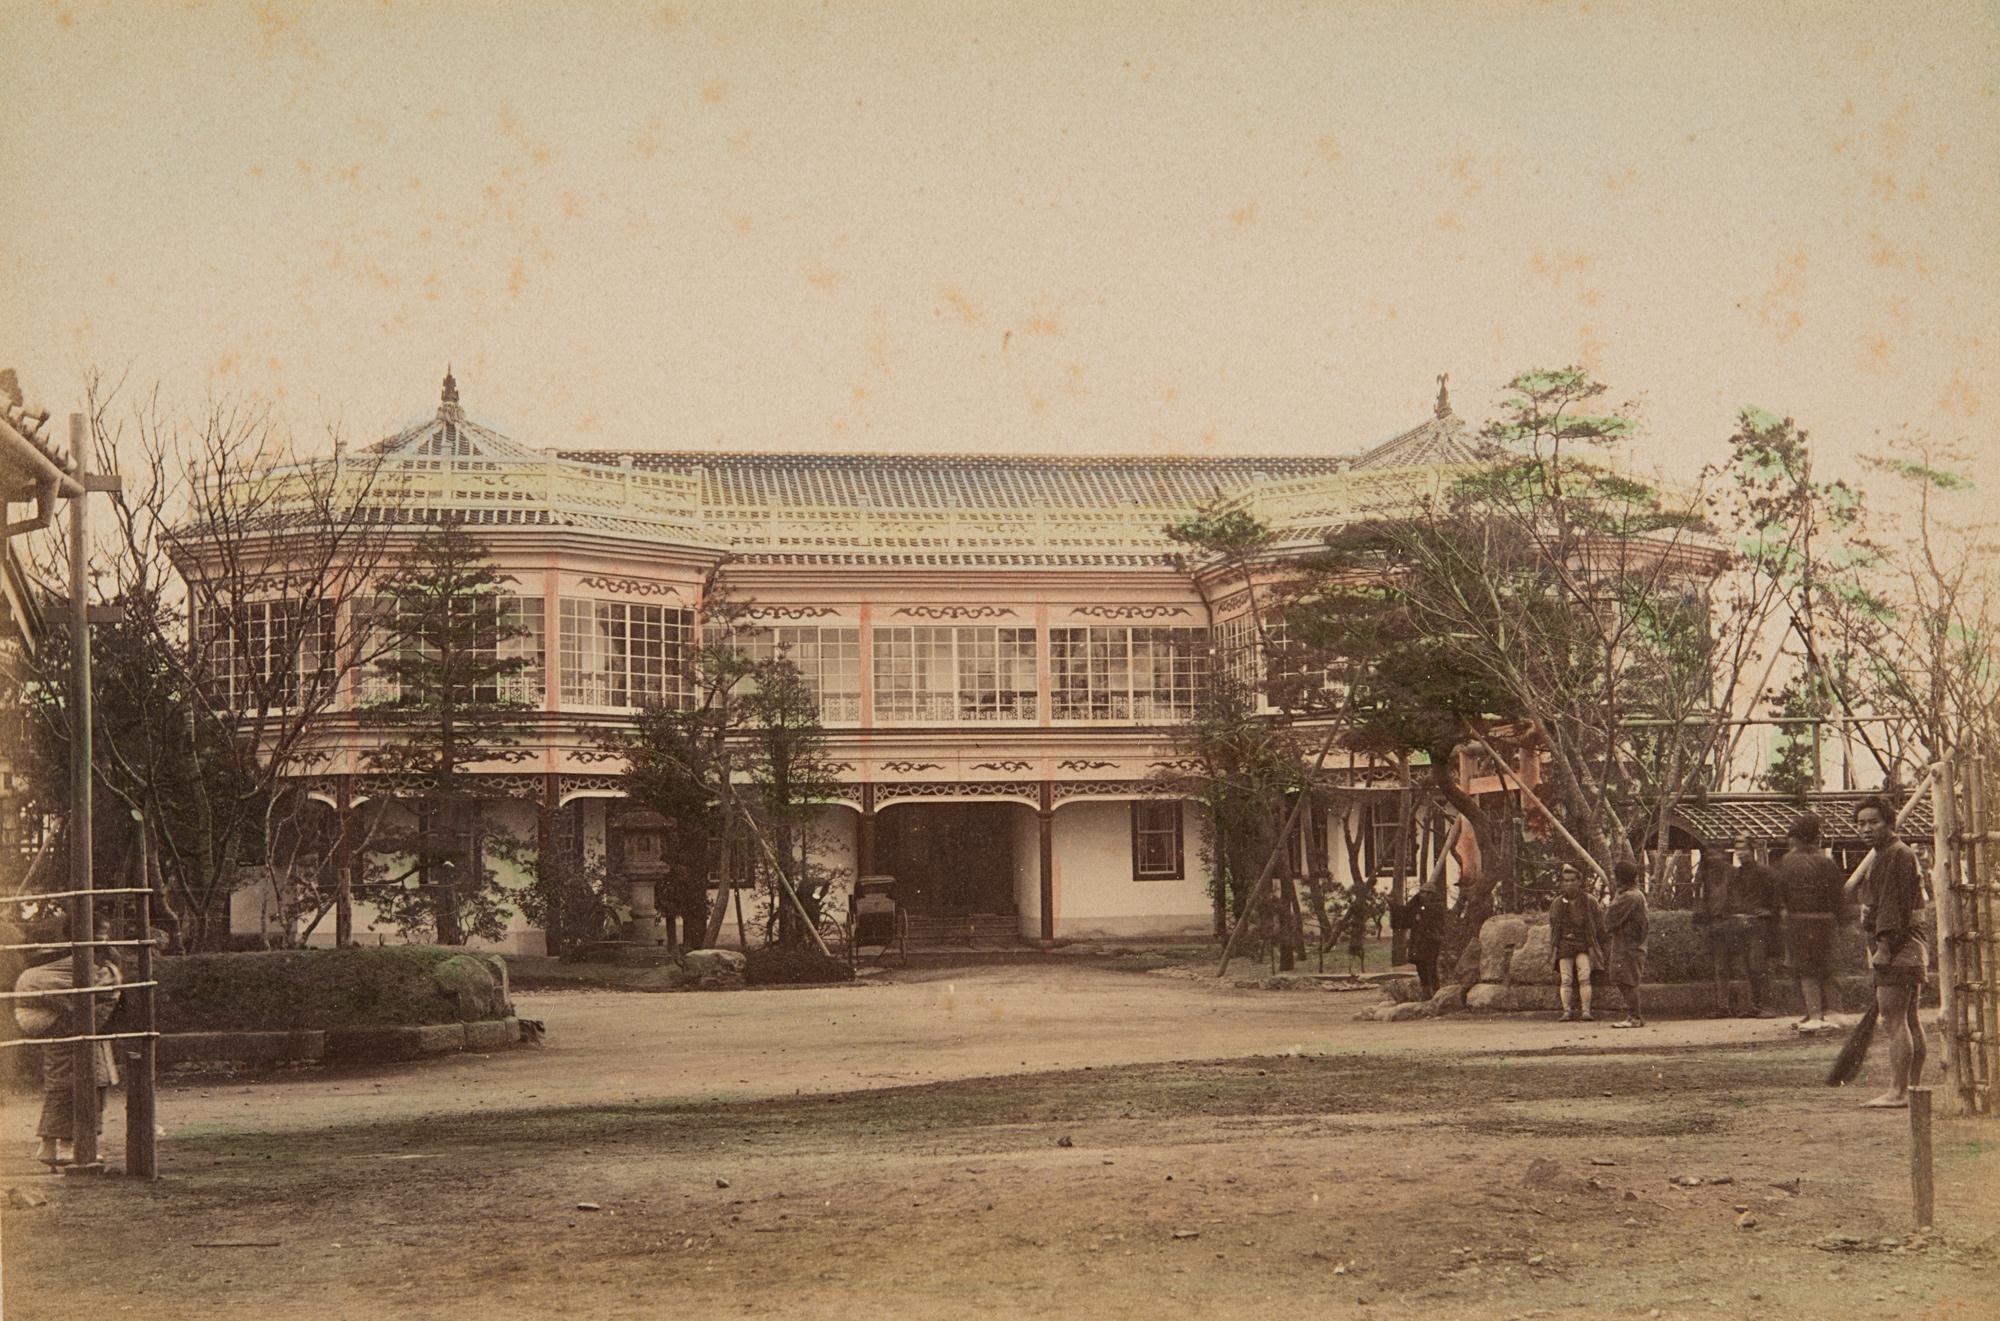 Giappone, seconda metà 1800